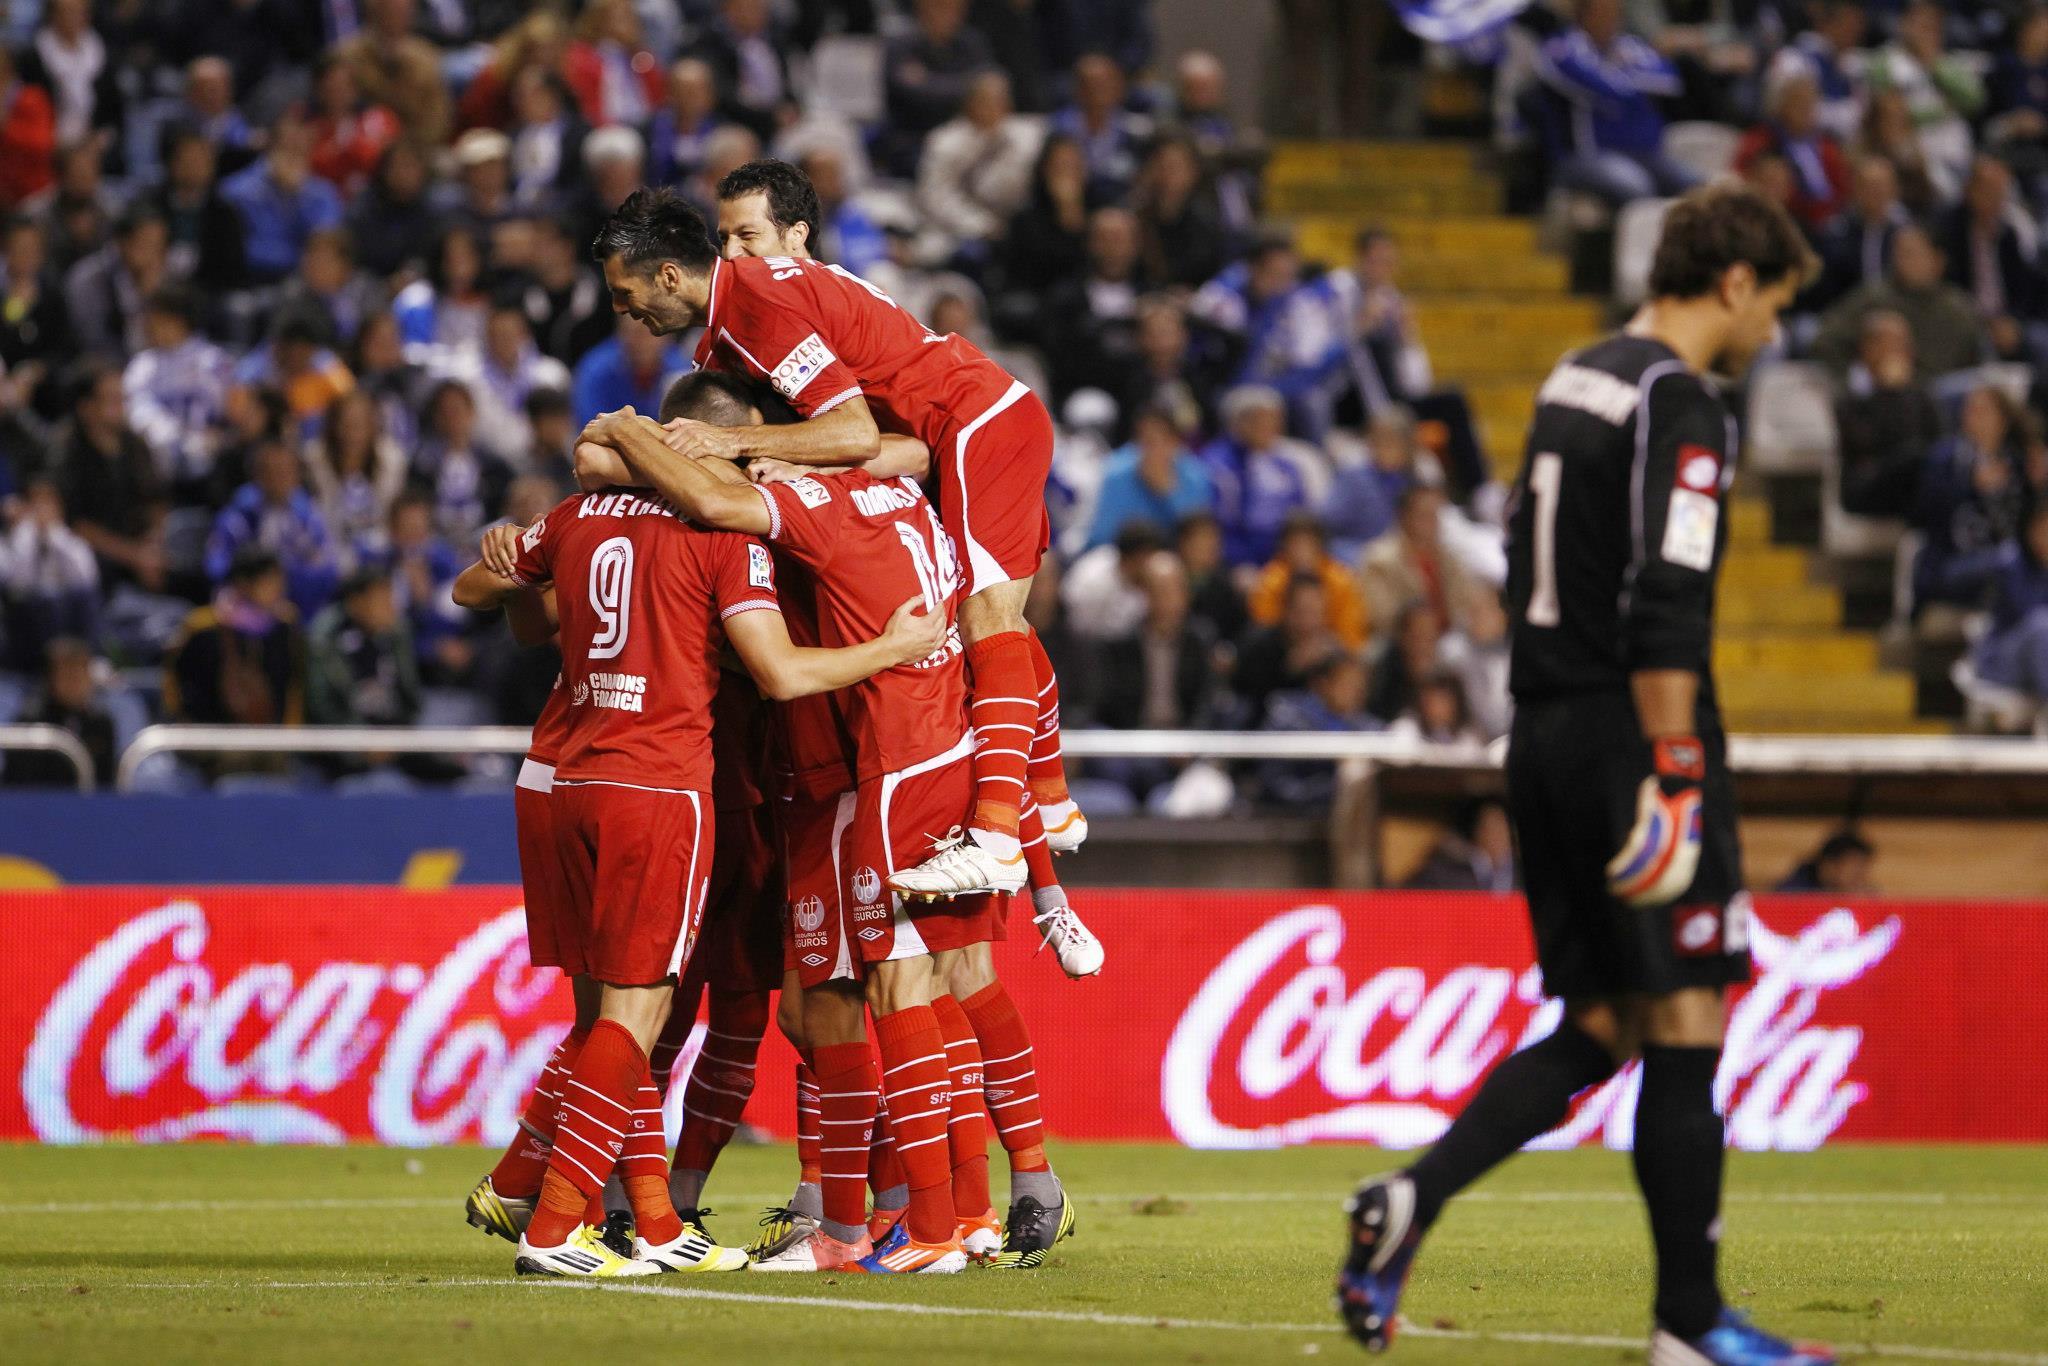 Celta - Sevilla: tres puntos necesarios